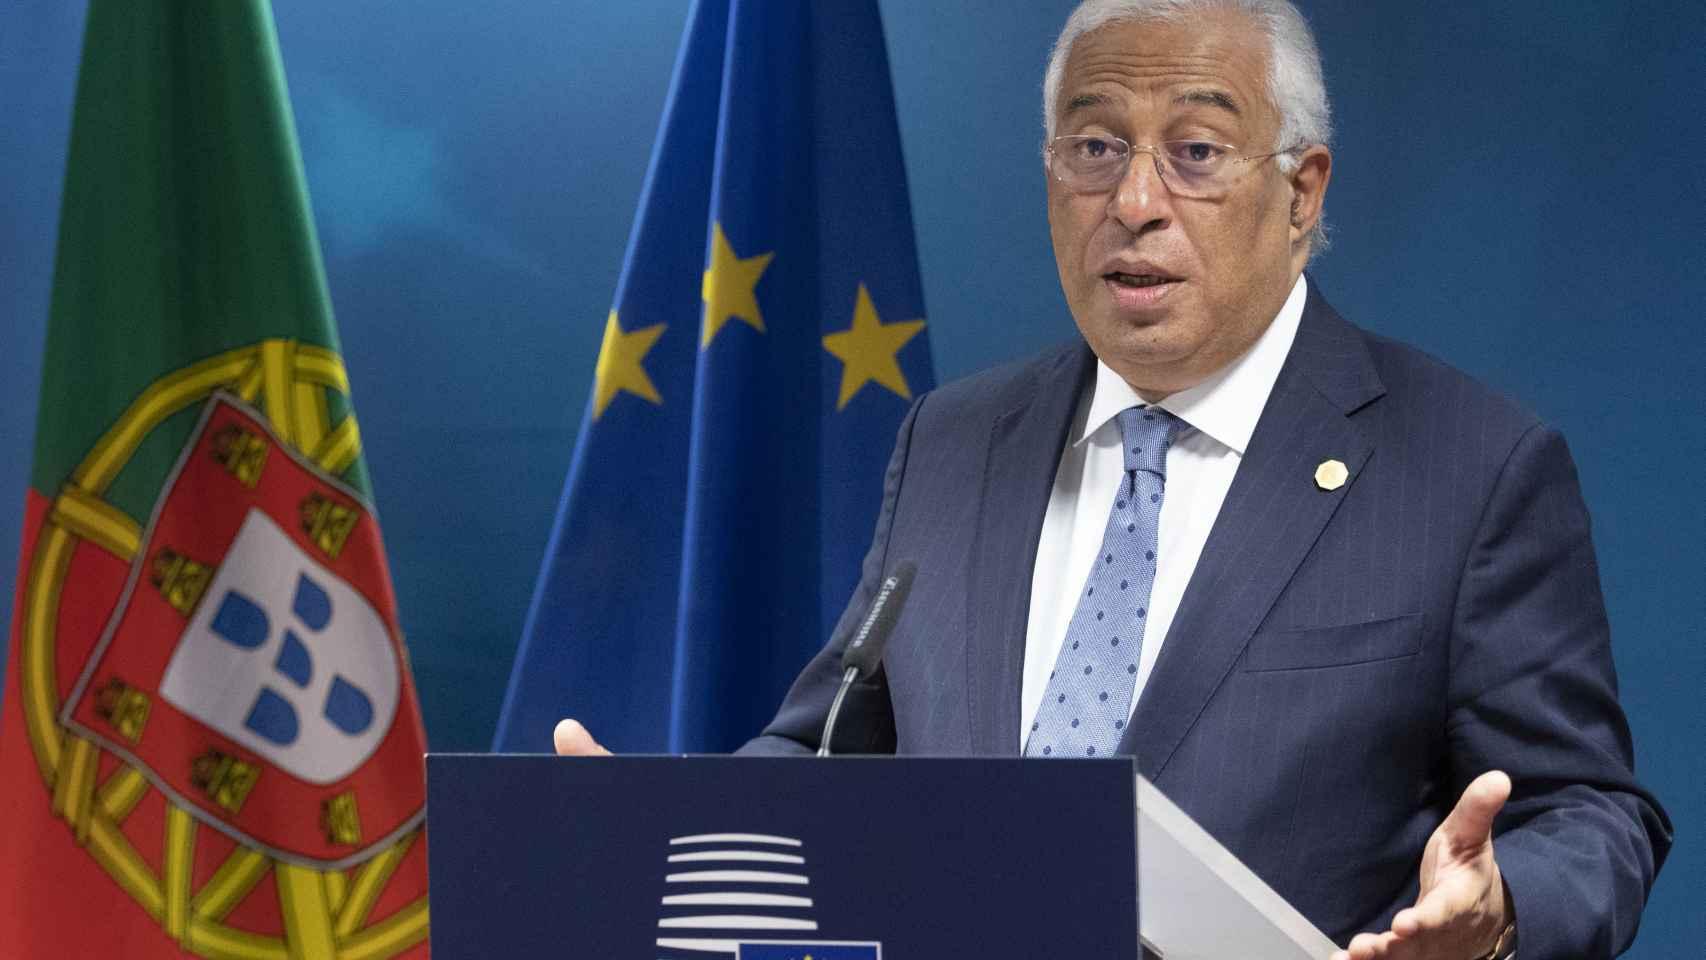 El primer ministro portugués, António Costa, durante una cumbre de la UE